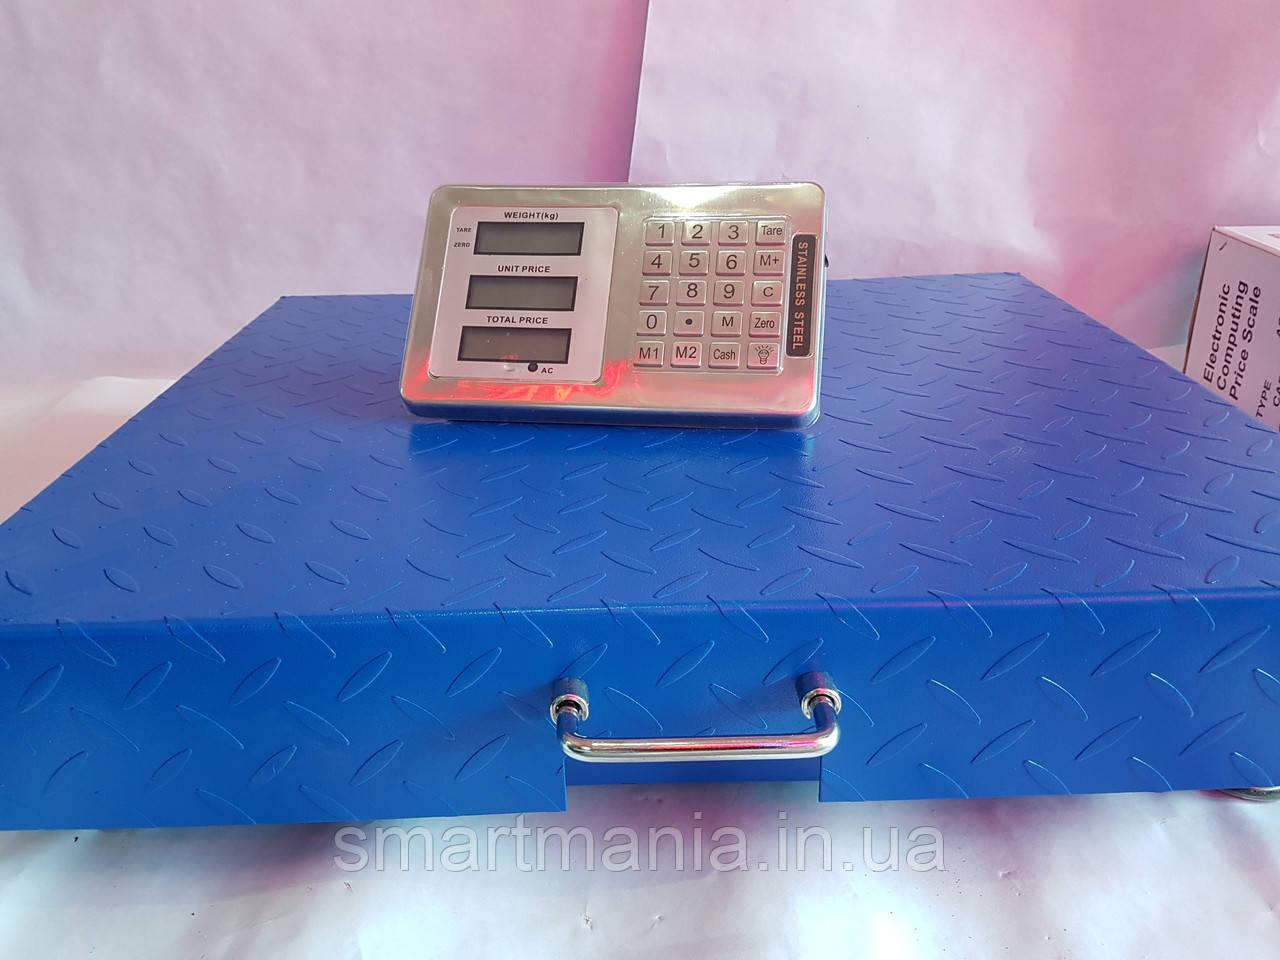 Весы торговые беспроводные Wi-Fi 600 кг 55 x 65, Товарные весы